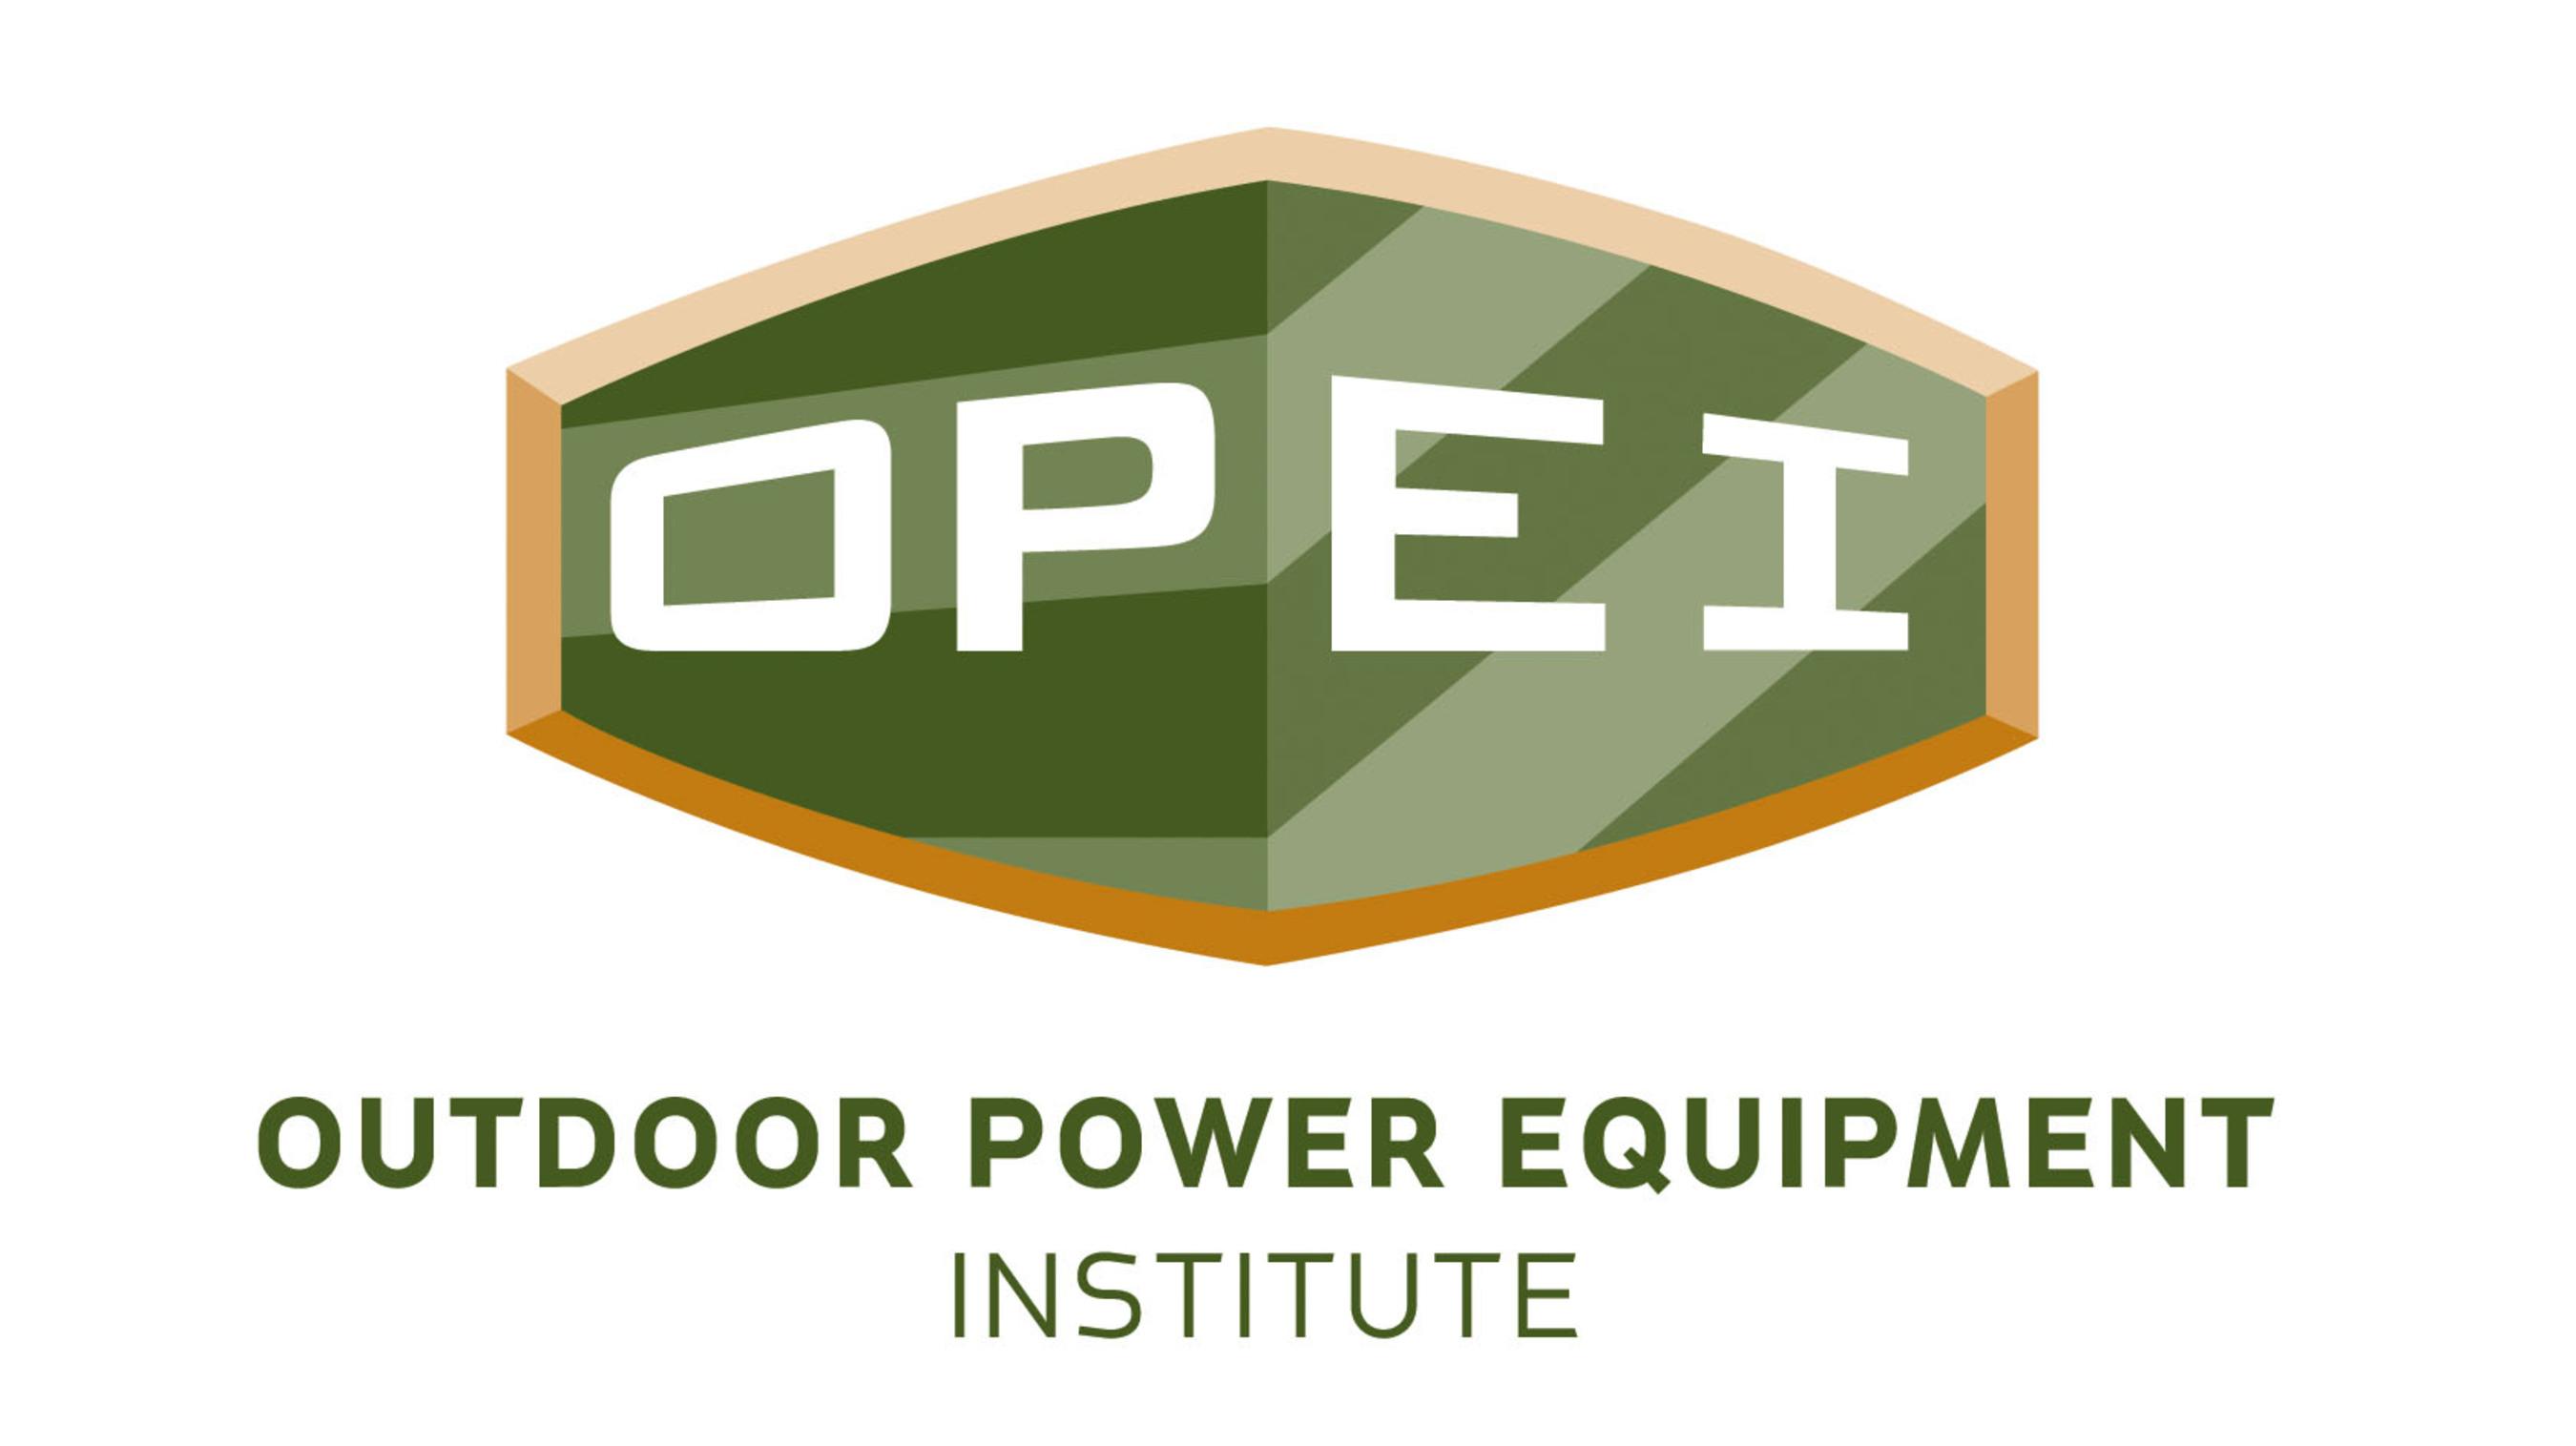 Outdoor Power Equipment Institute (OPEI) logo